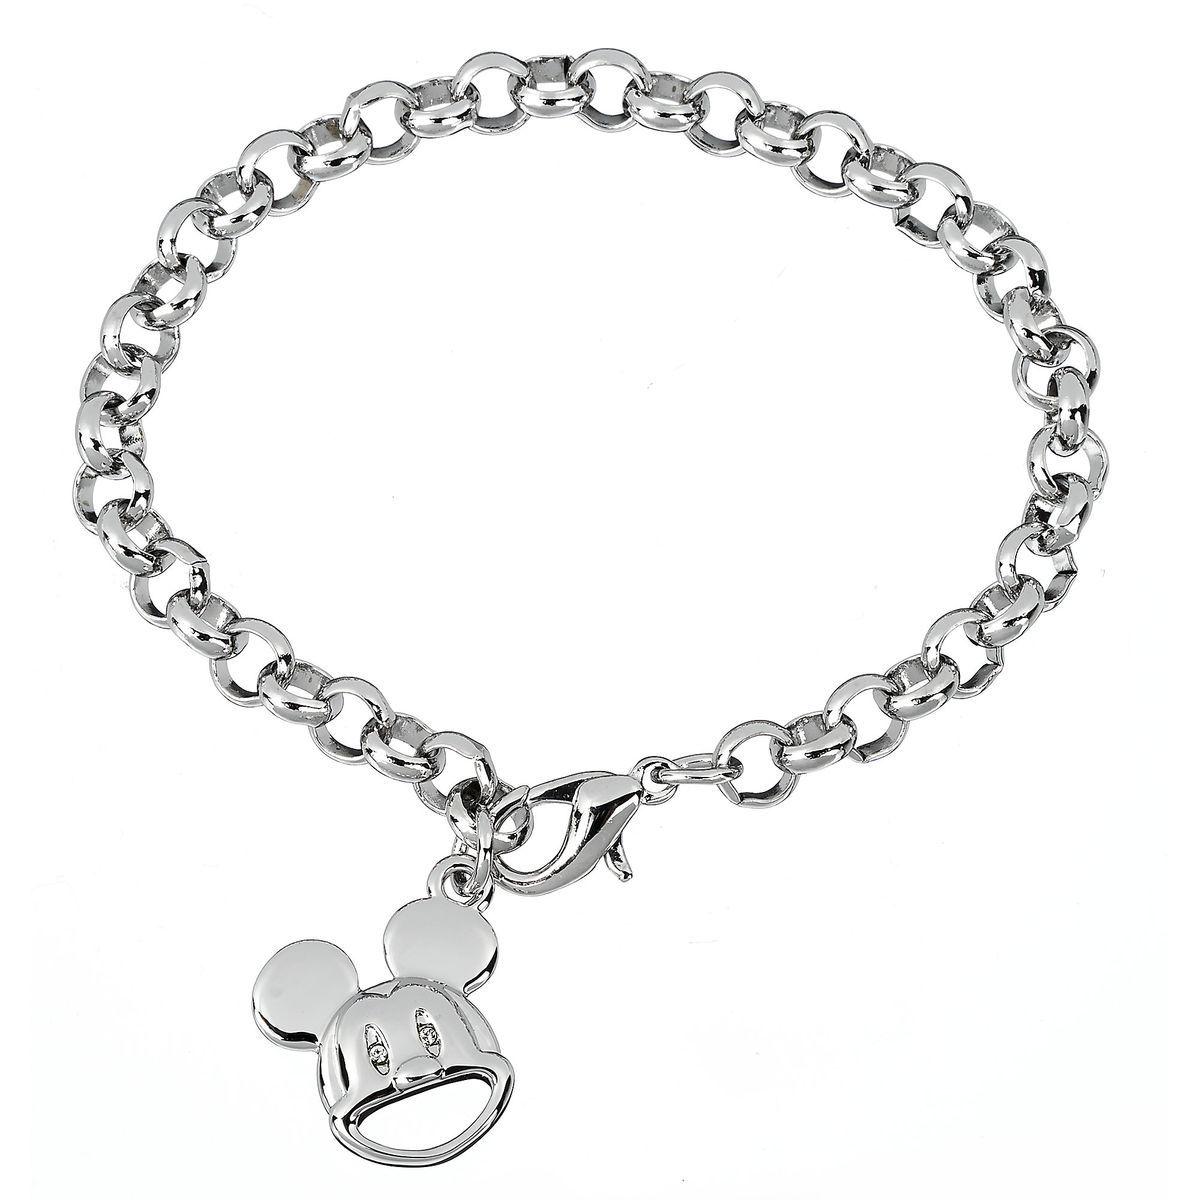 Disney Charm Bracelet - Mickey Mouse Face